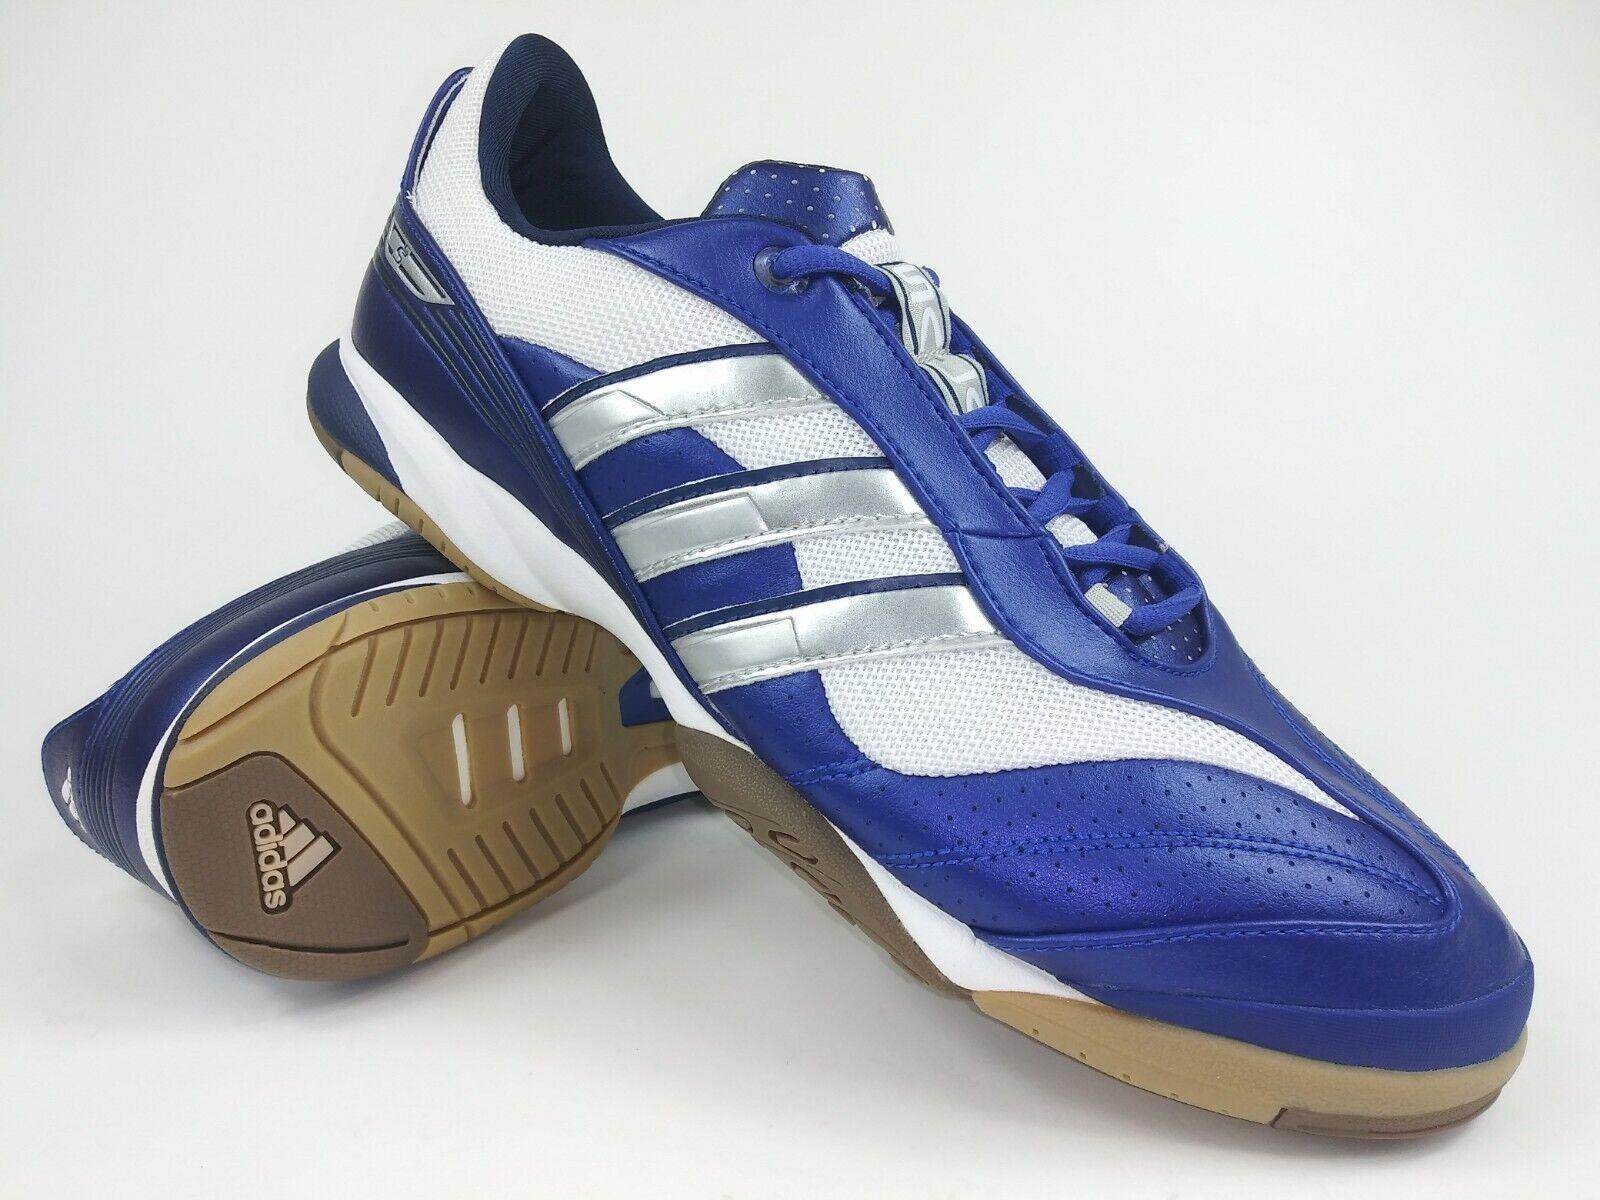 Adidas Hombre Raro Camiseta Sala Vll 012231 Azul blancoo Interior Fútbol Zapatos